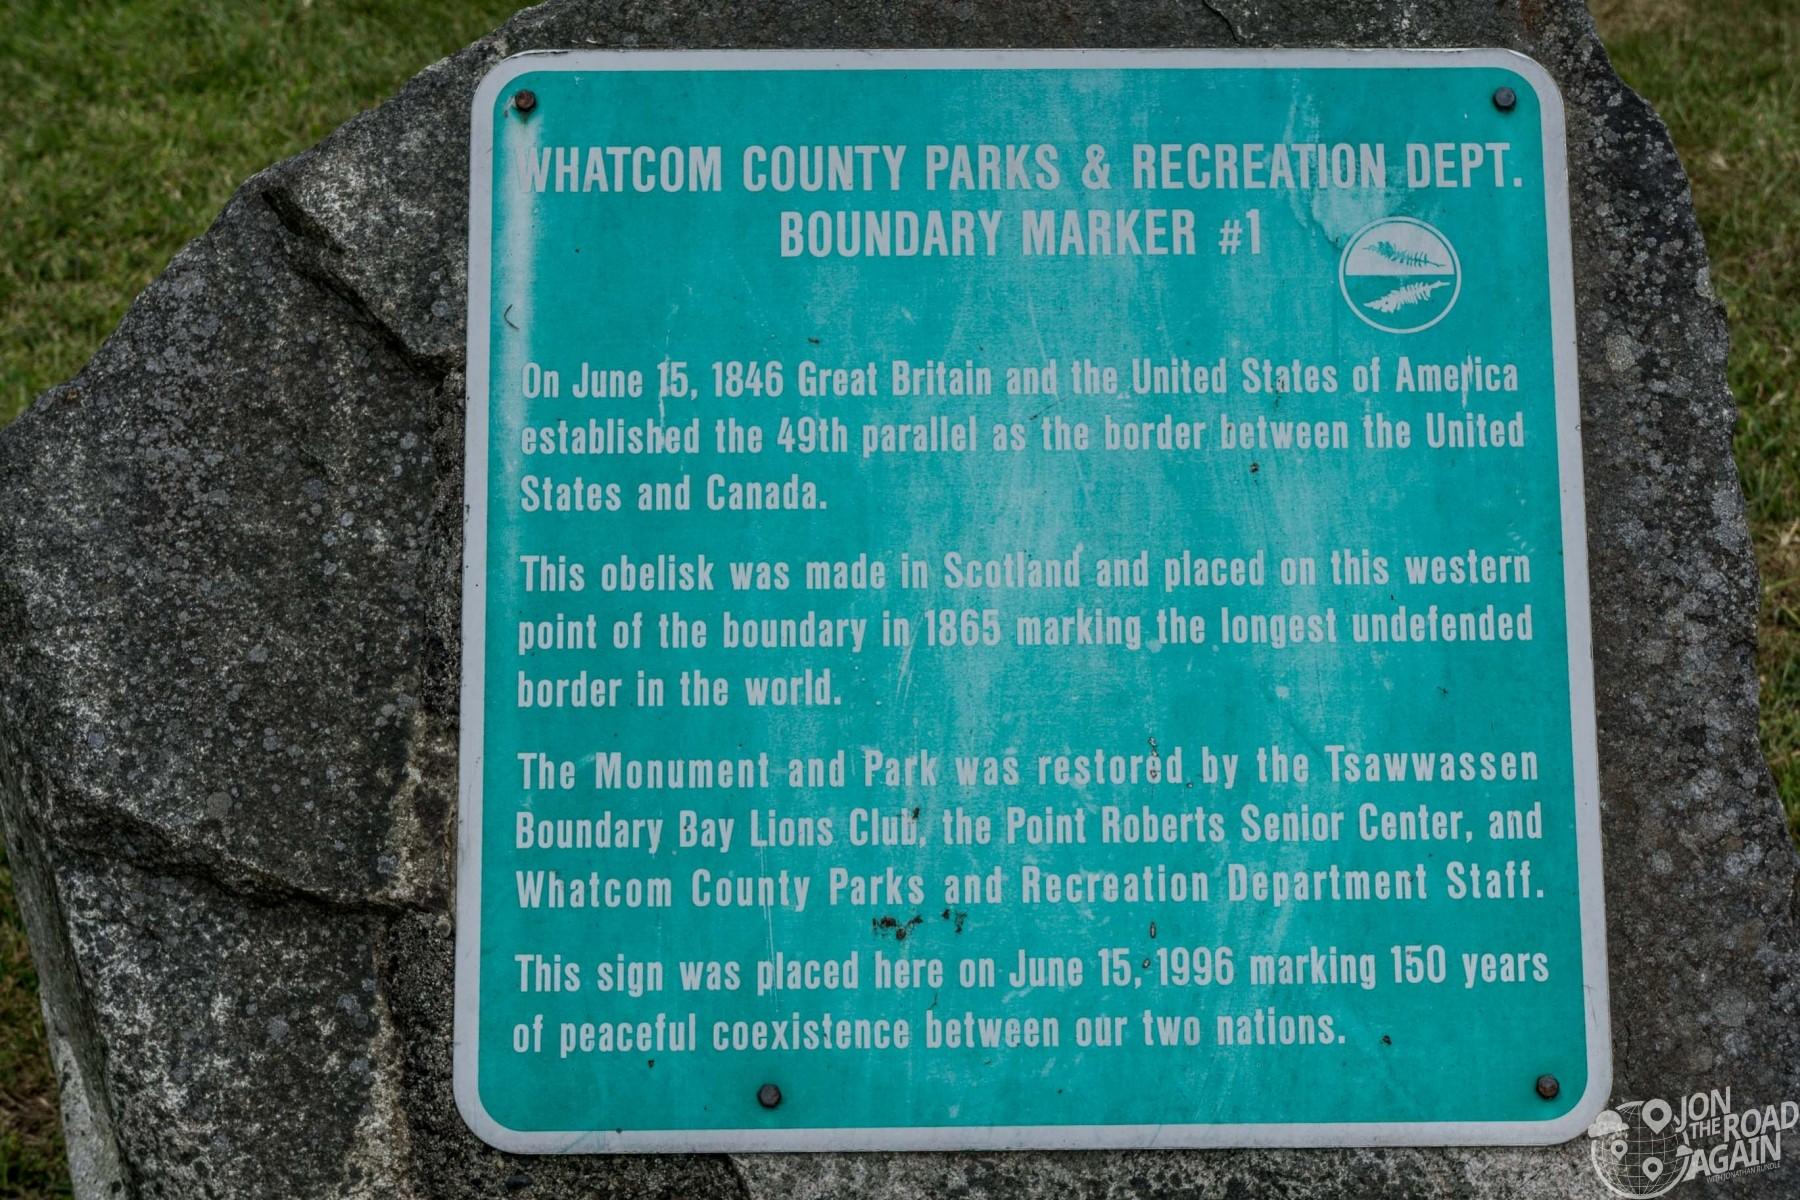 Whatcom County Boundary Marker